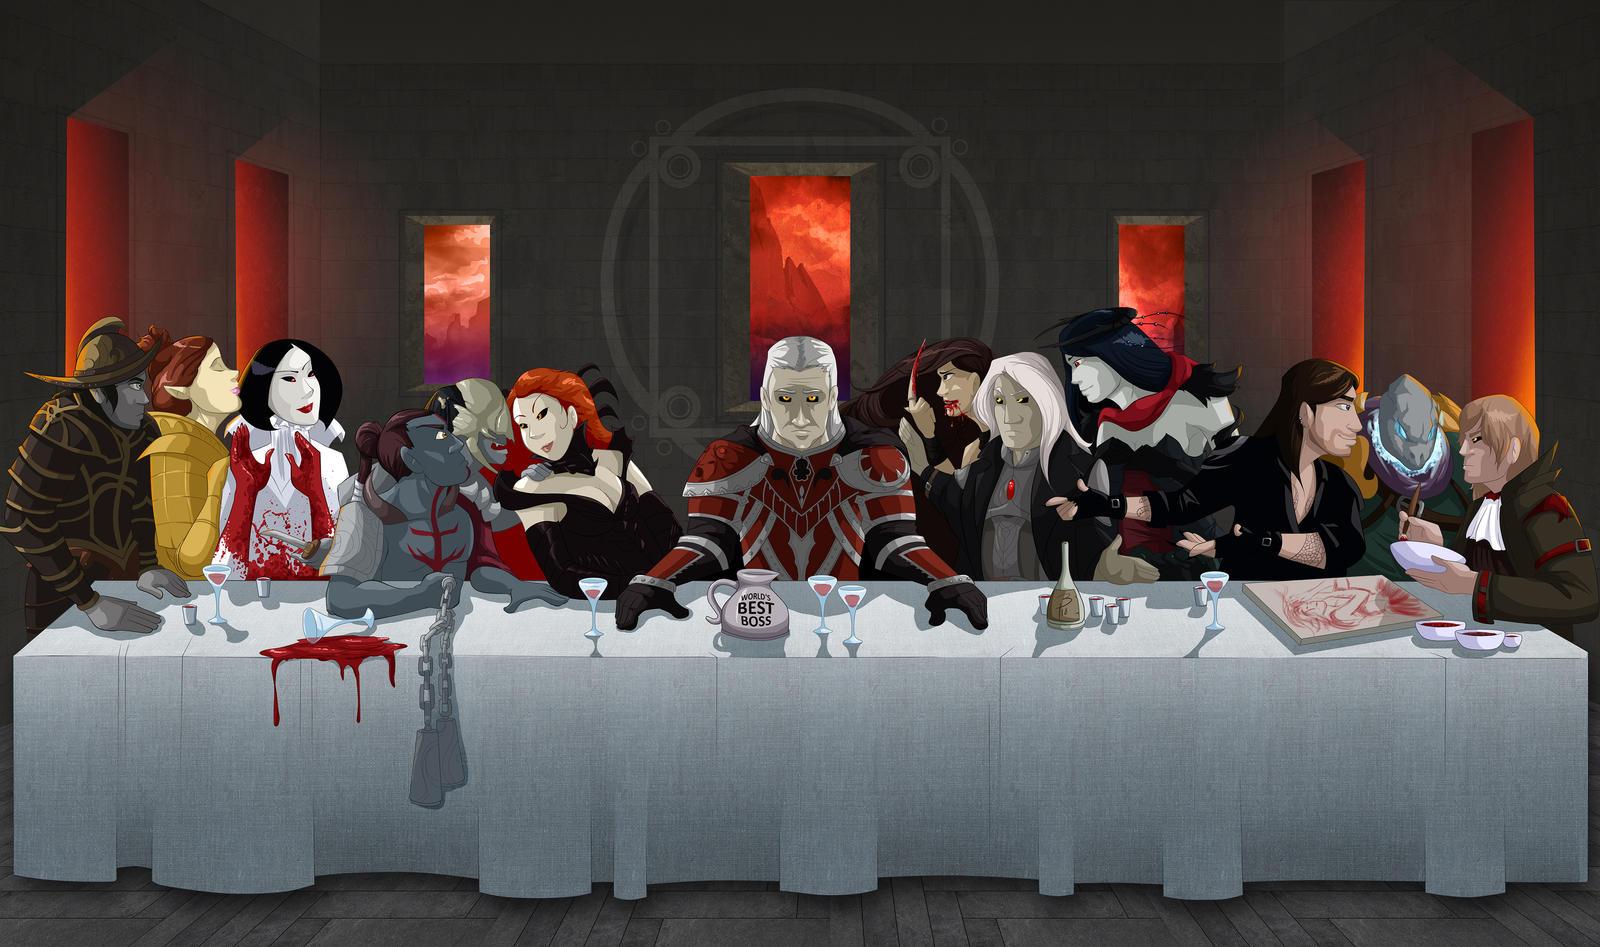 Edgar Markov's Last Supper